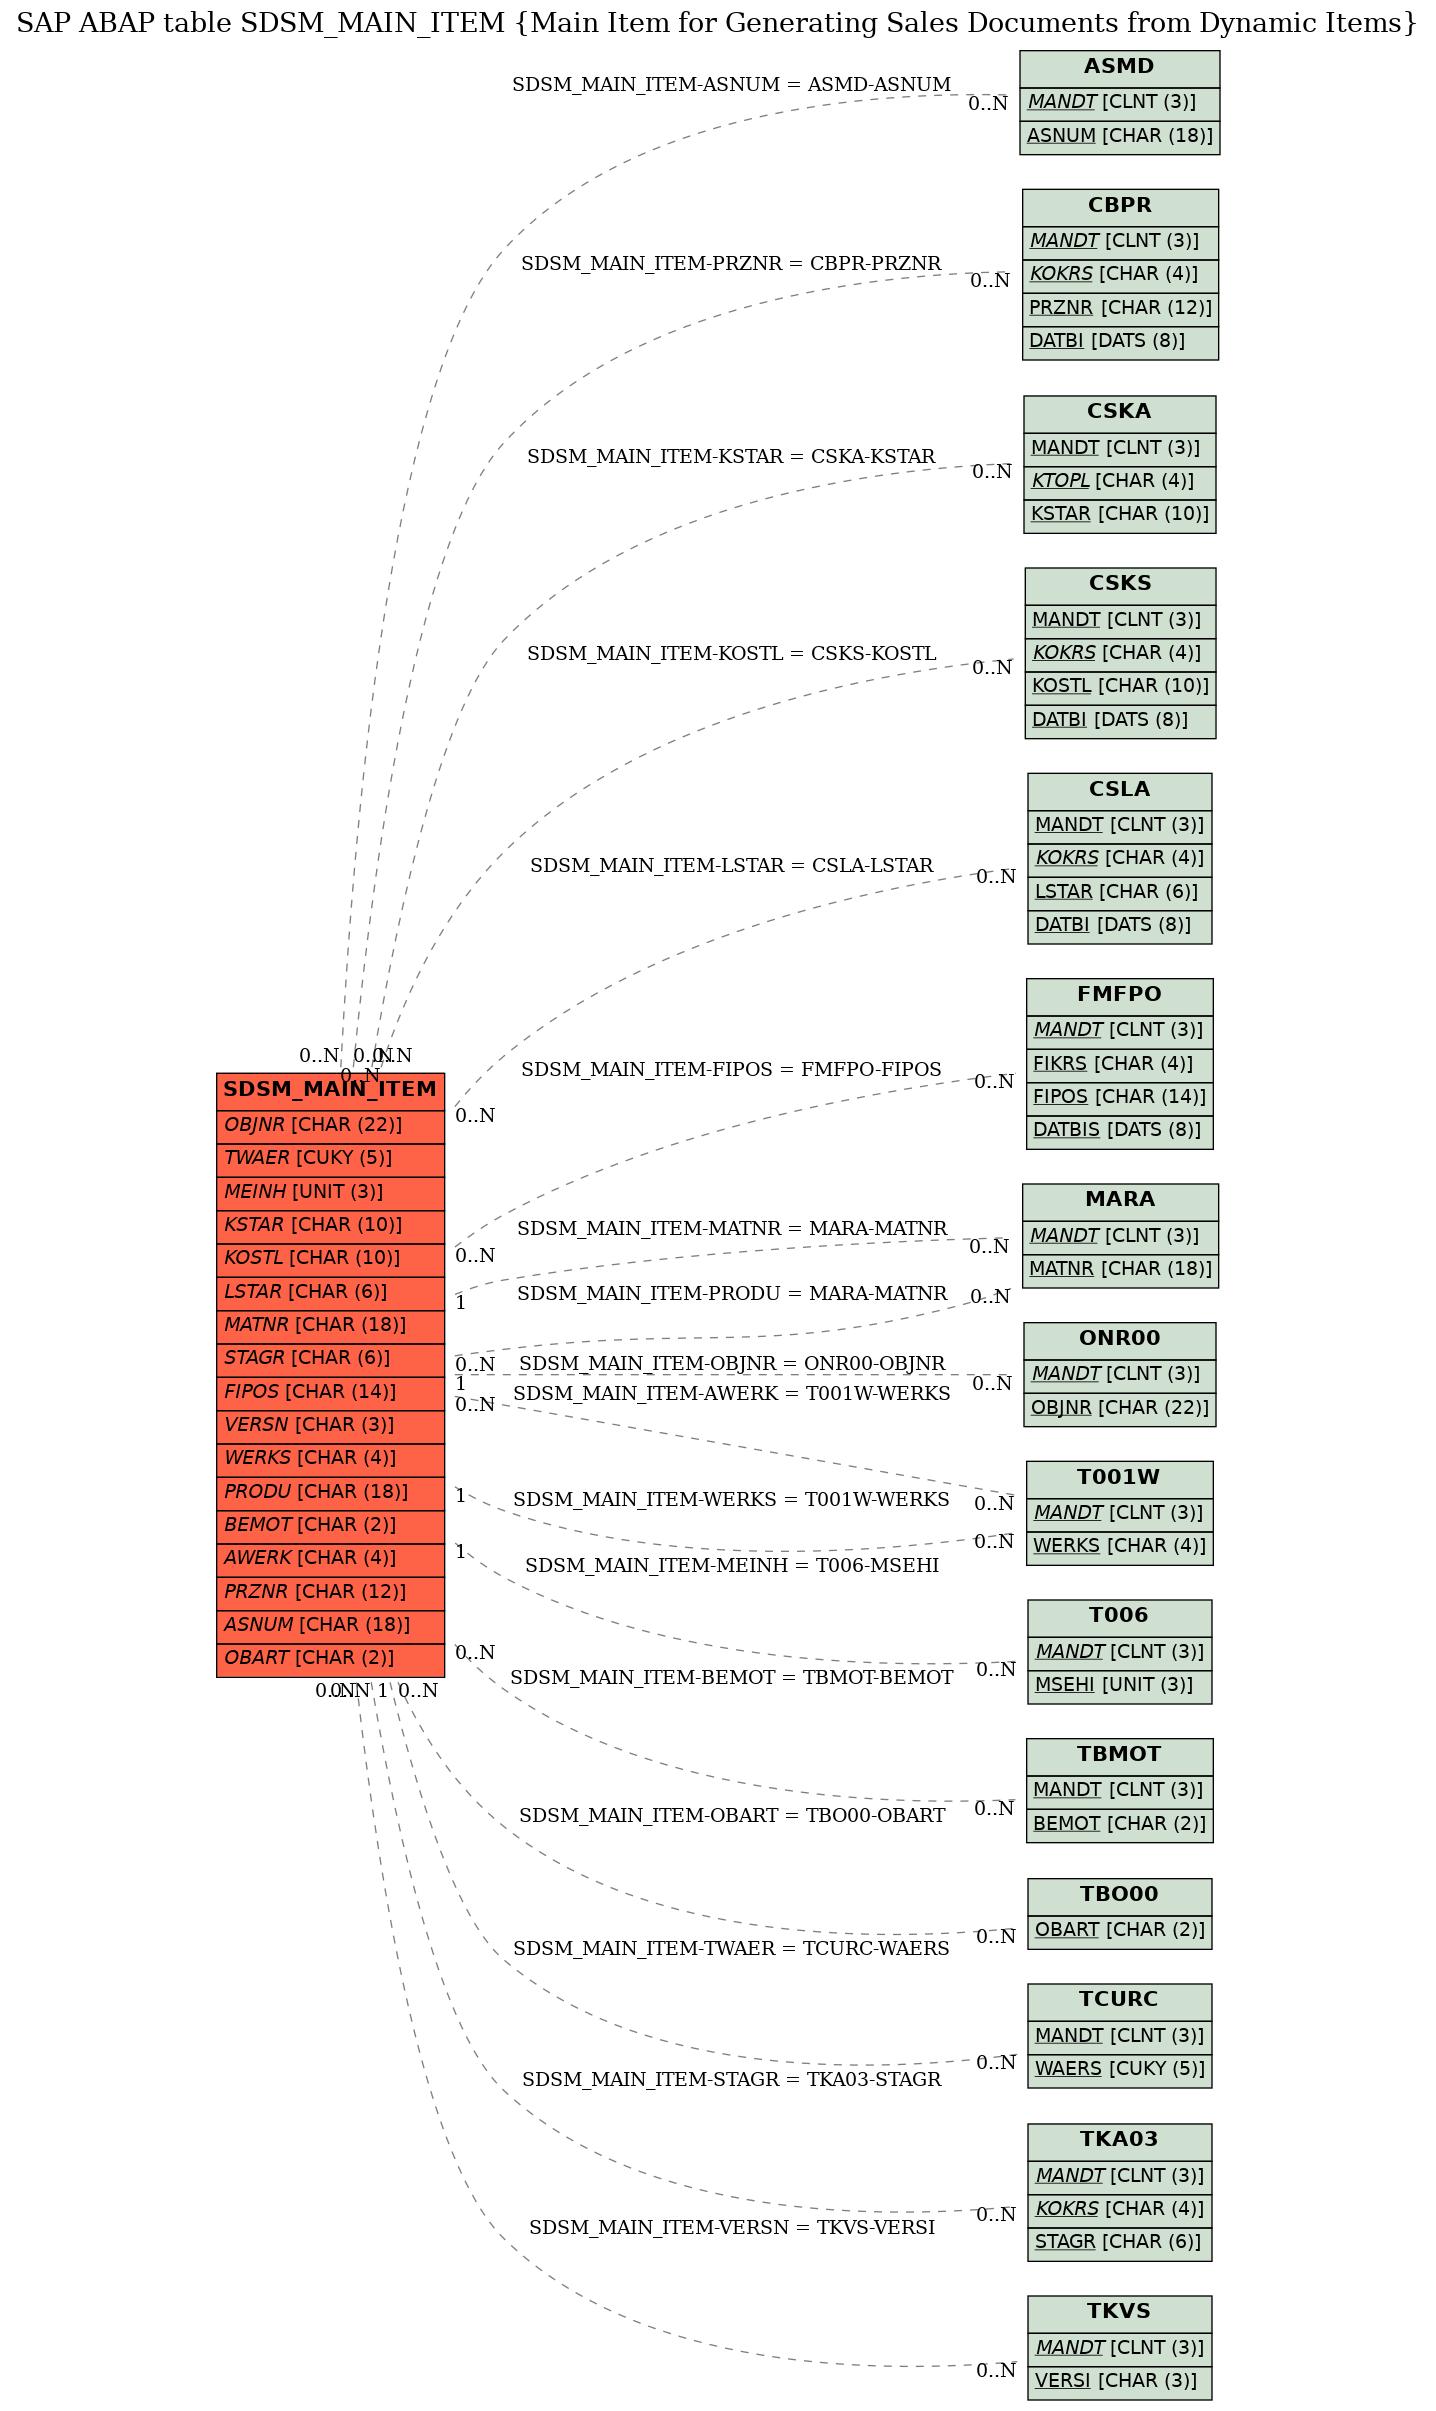 SAP ABAP Table SDSM_MAIN_ITEM (Main Item for Generating